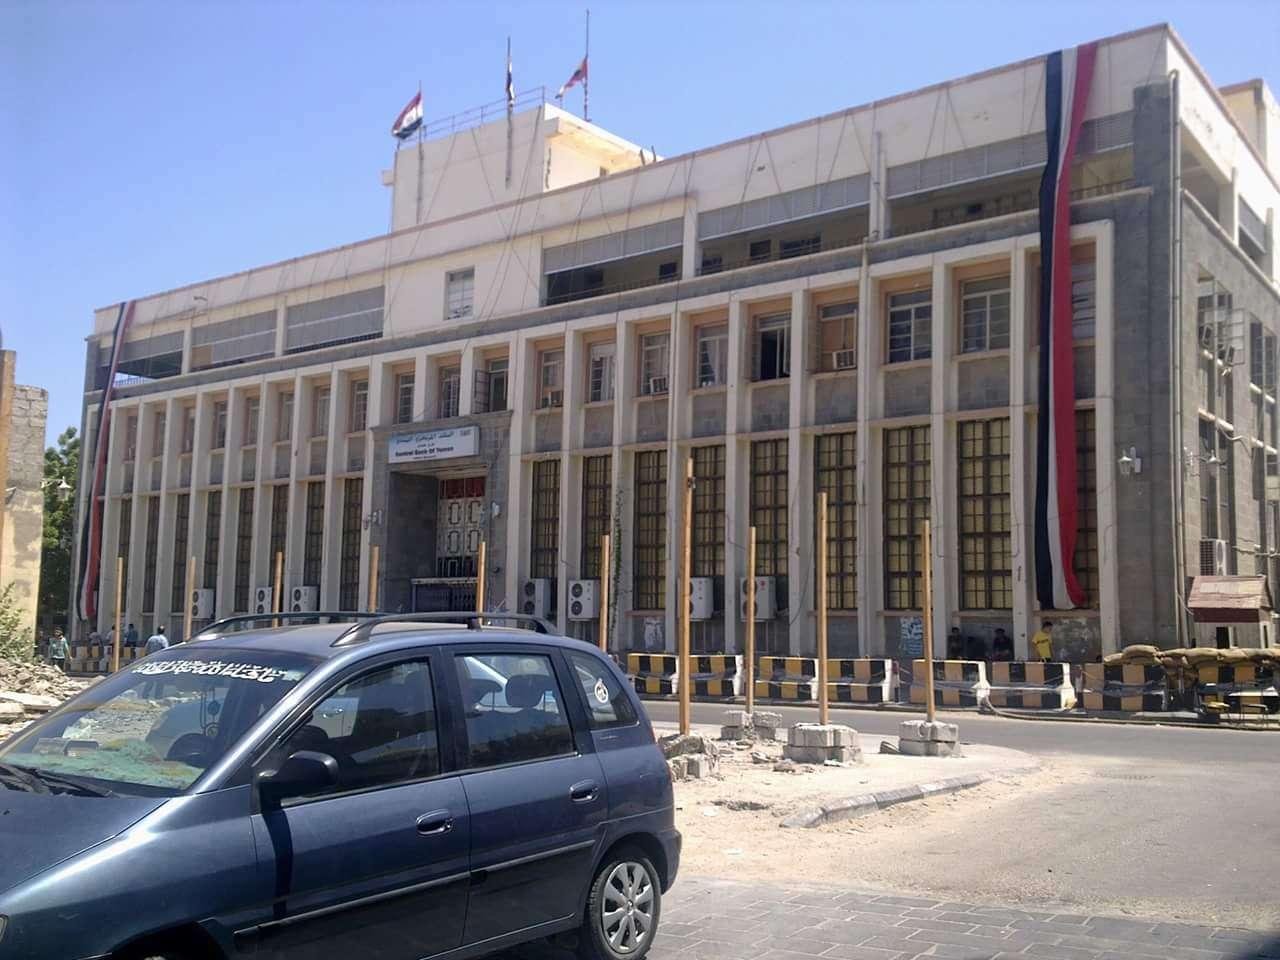 البنك المركزي في عدن يصدر توجيهات صارمة لشركات الصرافة .. وثيقة